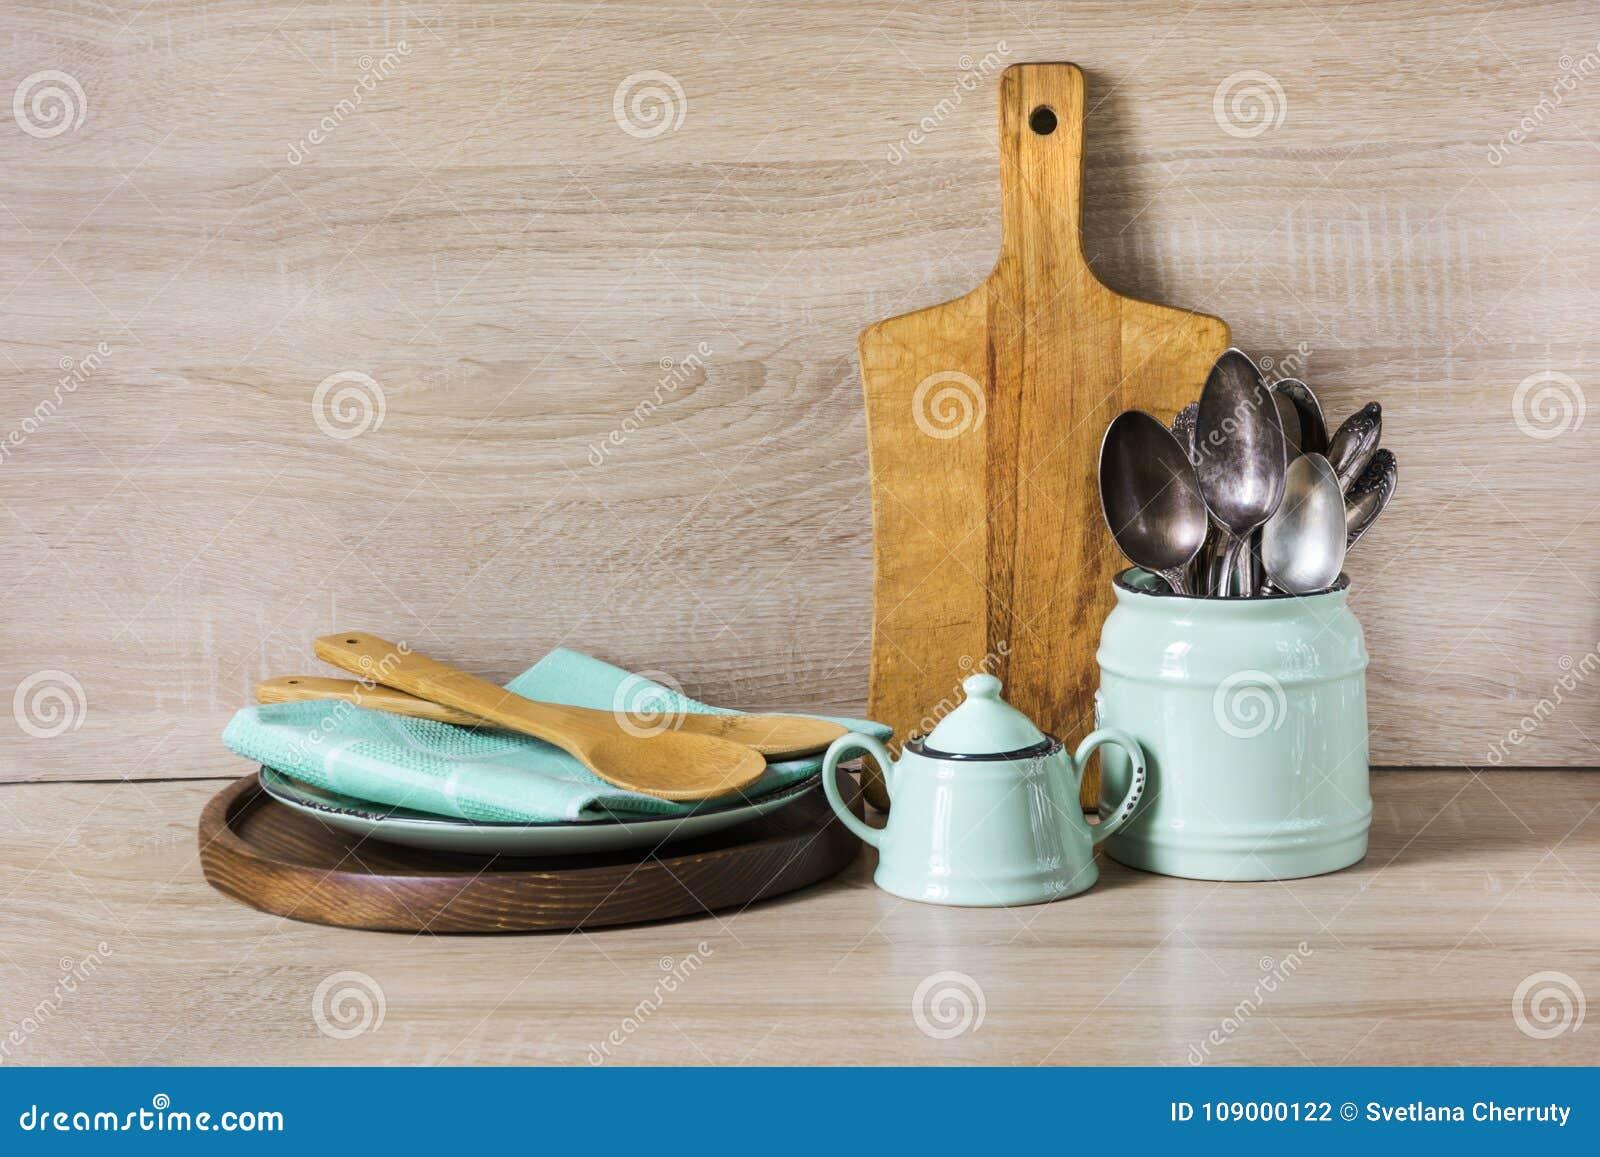 Turquesa y loza del vintage, vajilla, utensilios del dishware y materia de madera en tablero de madera Todavía de la cocina vida